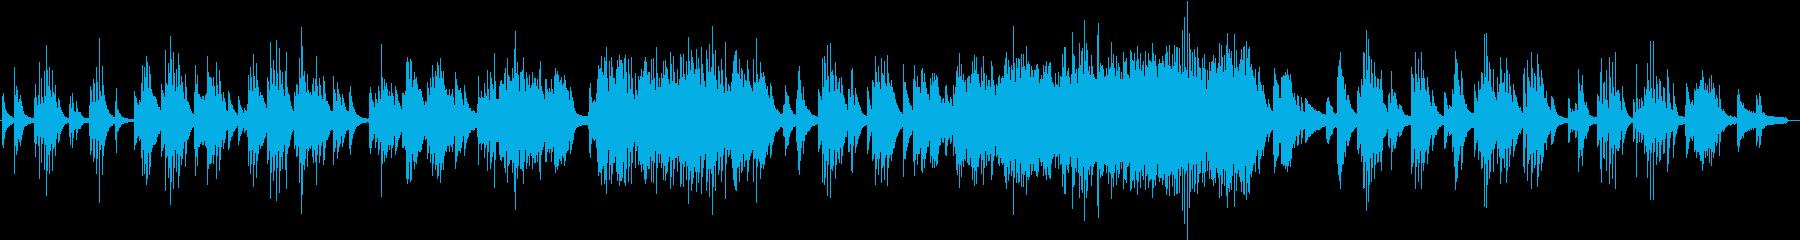 切なく穏やか〜盛り上がる展開のピアノソロの再生済みの波形